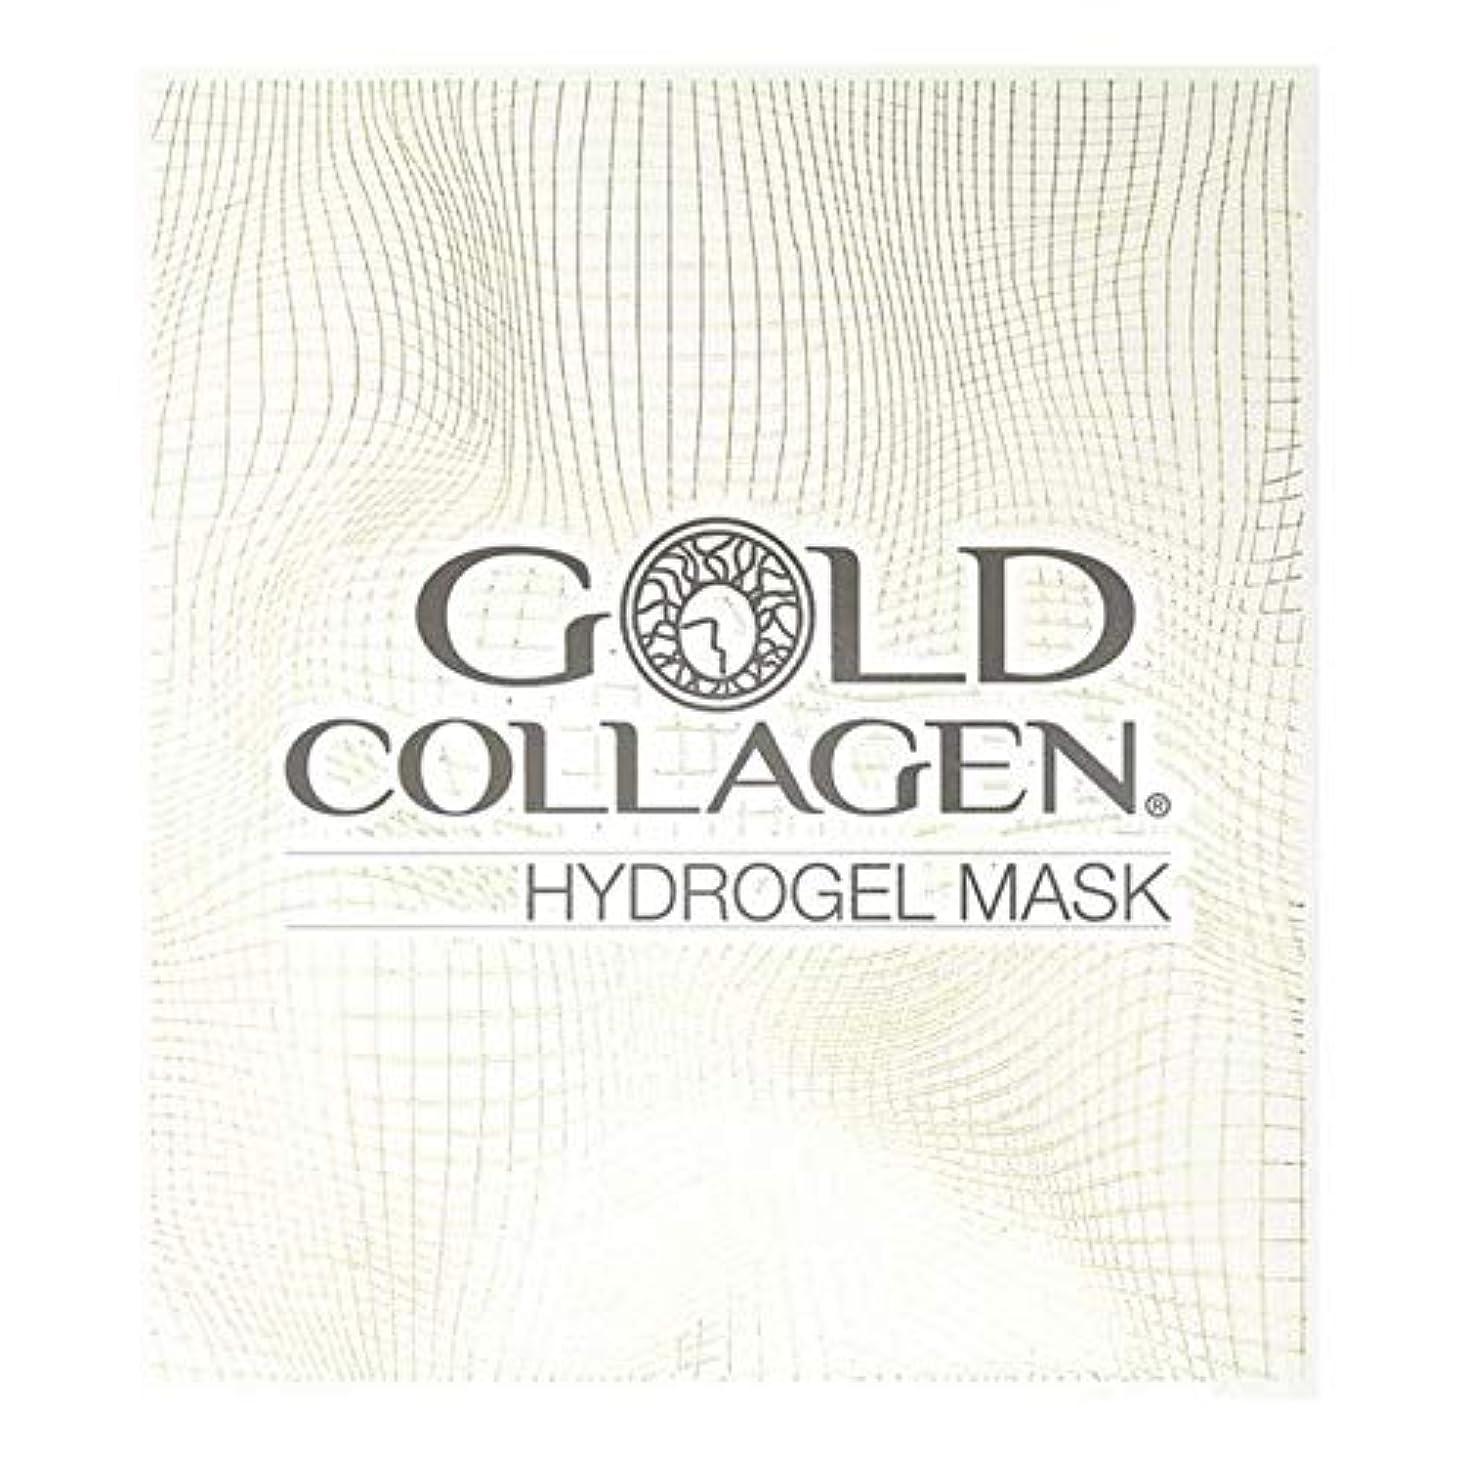 火音声学承認[Gold Collagen] ハイドロゲルフェイスマスク - Hydrogel Face Mask [並行輸入品]